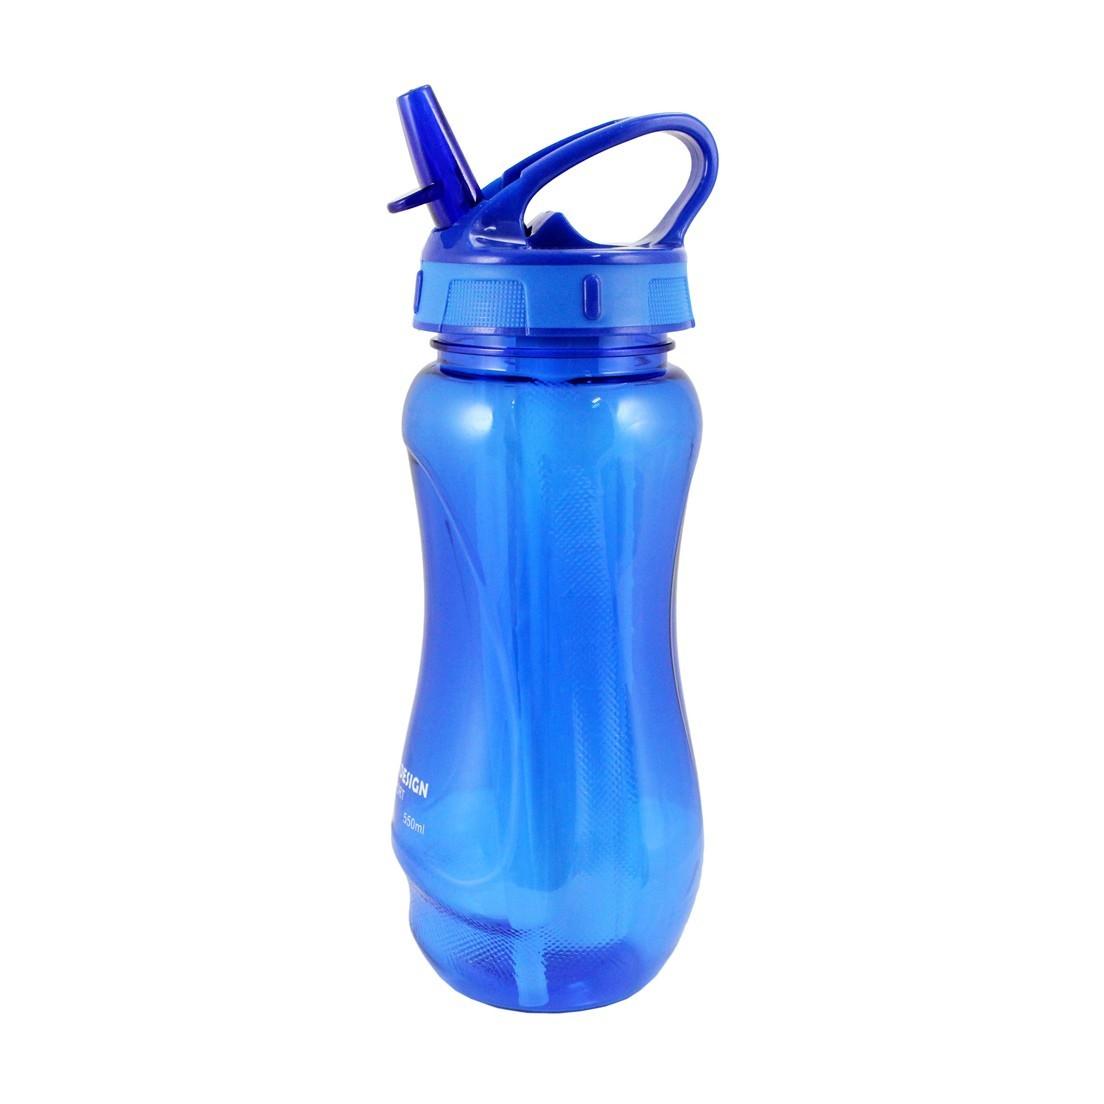 Garrafa Squeeze 525ml com Canudo Retrátil Jacki Design